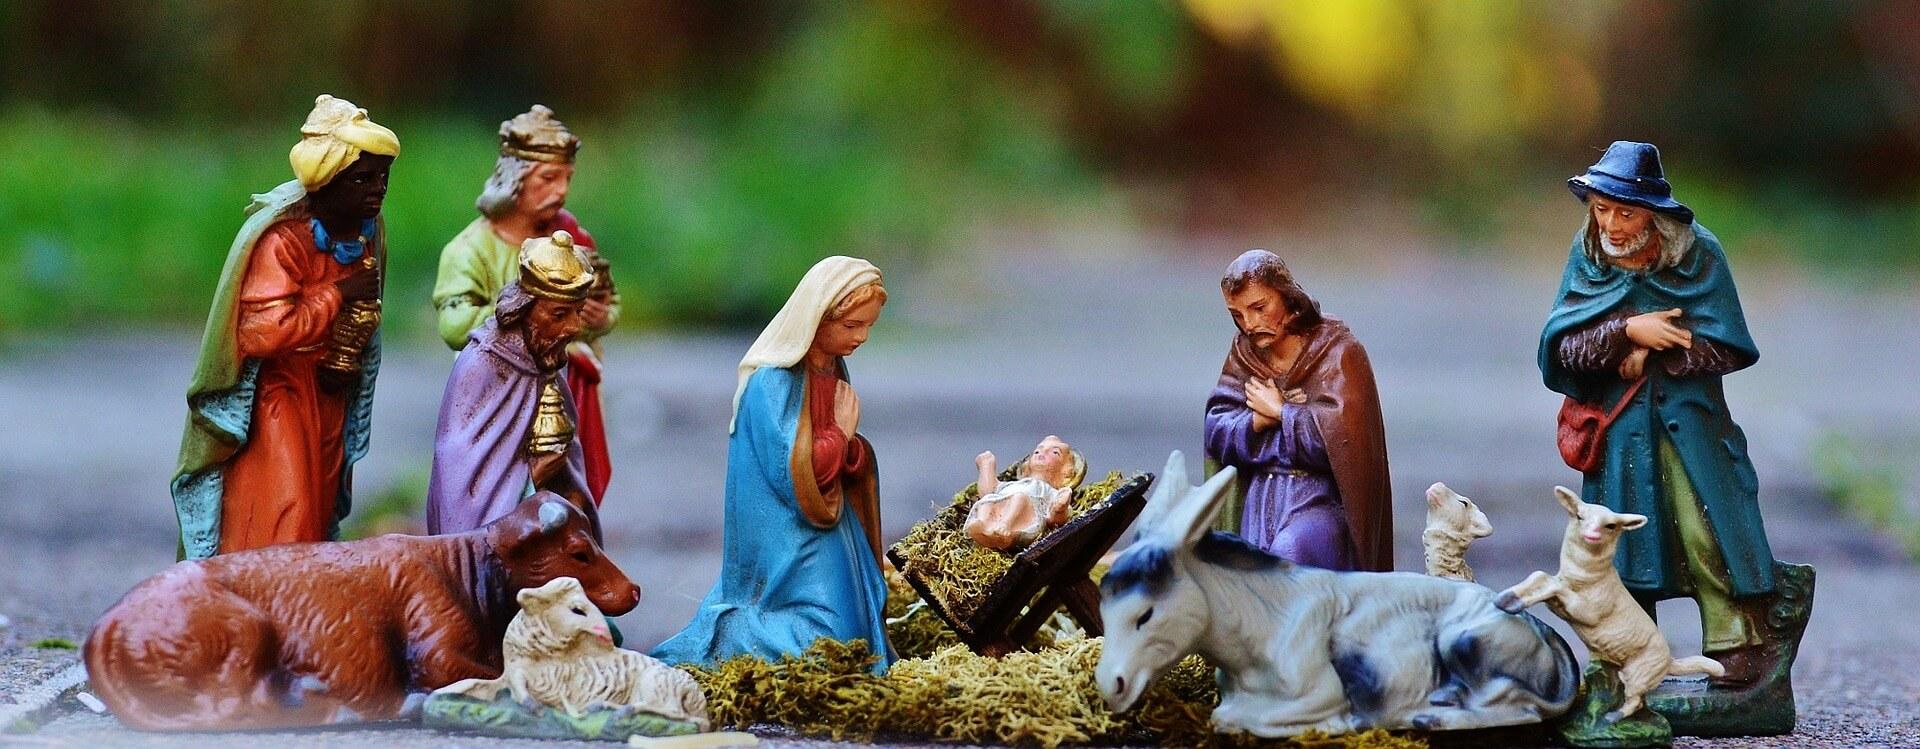 Figuren an der Krippe - Maria und Josef: Holzfiguren der hlg drei Könige, Maria, Josef, Jesus und Tiere.